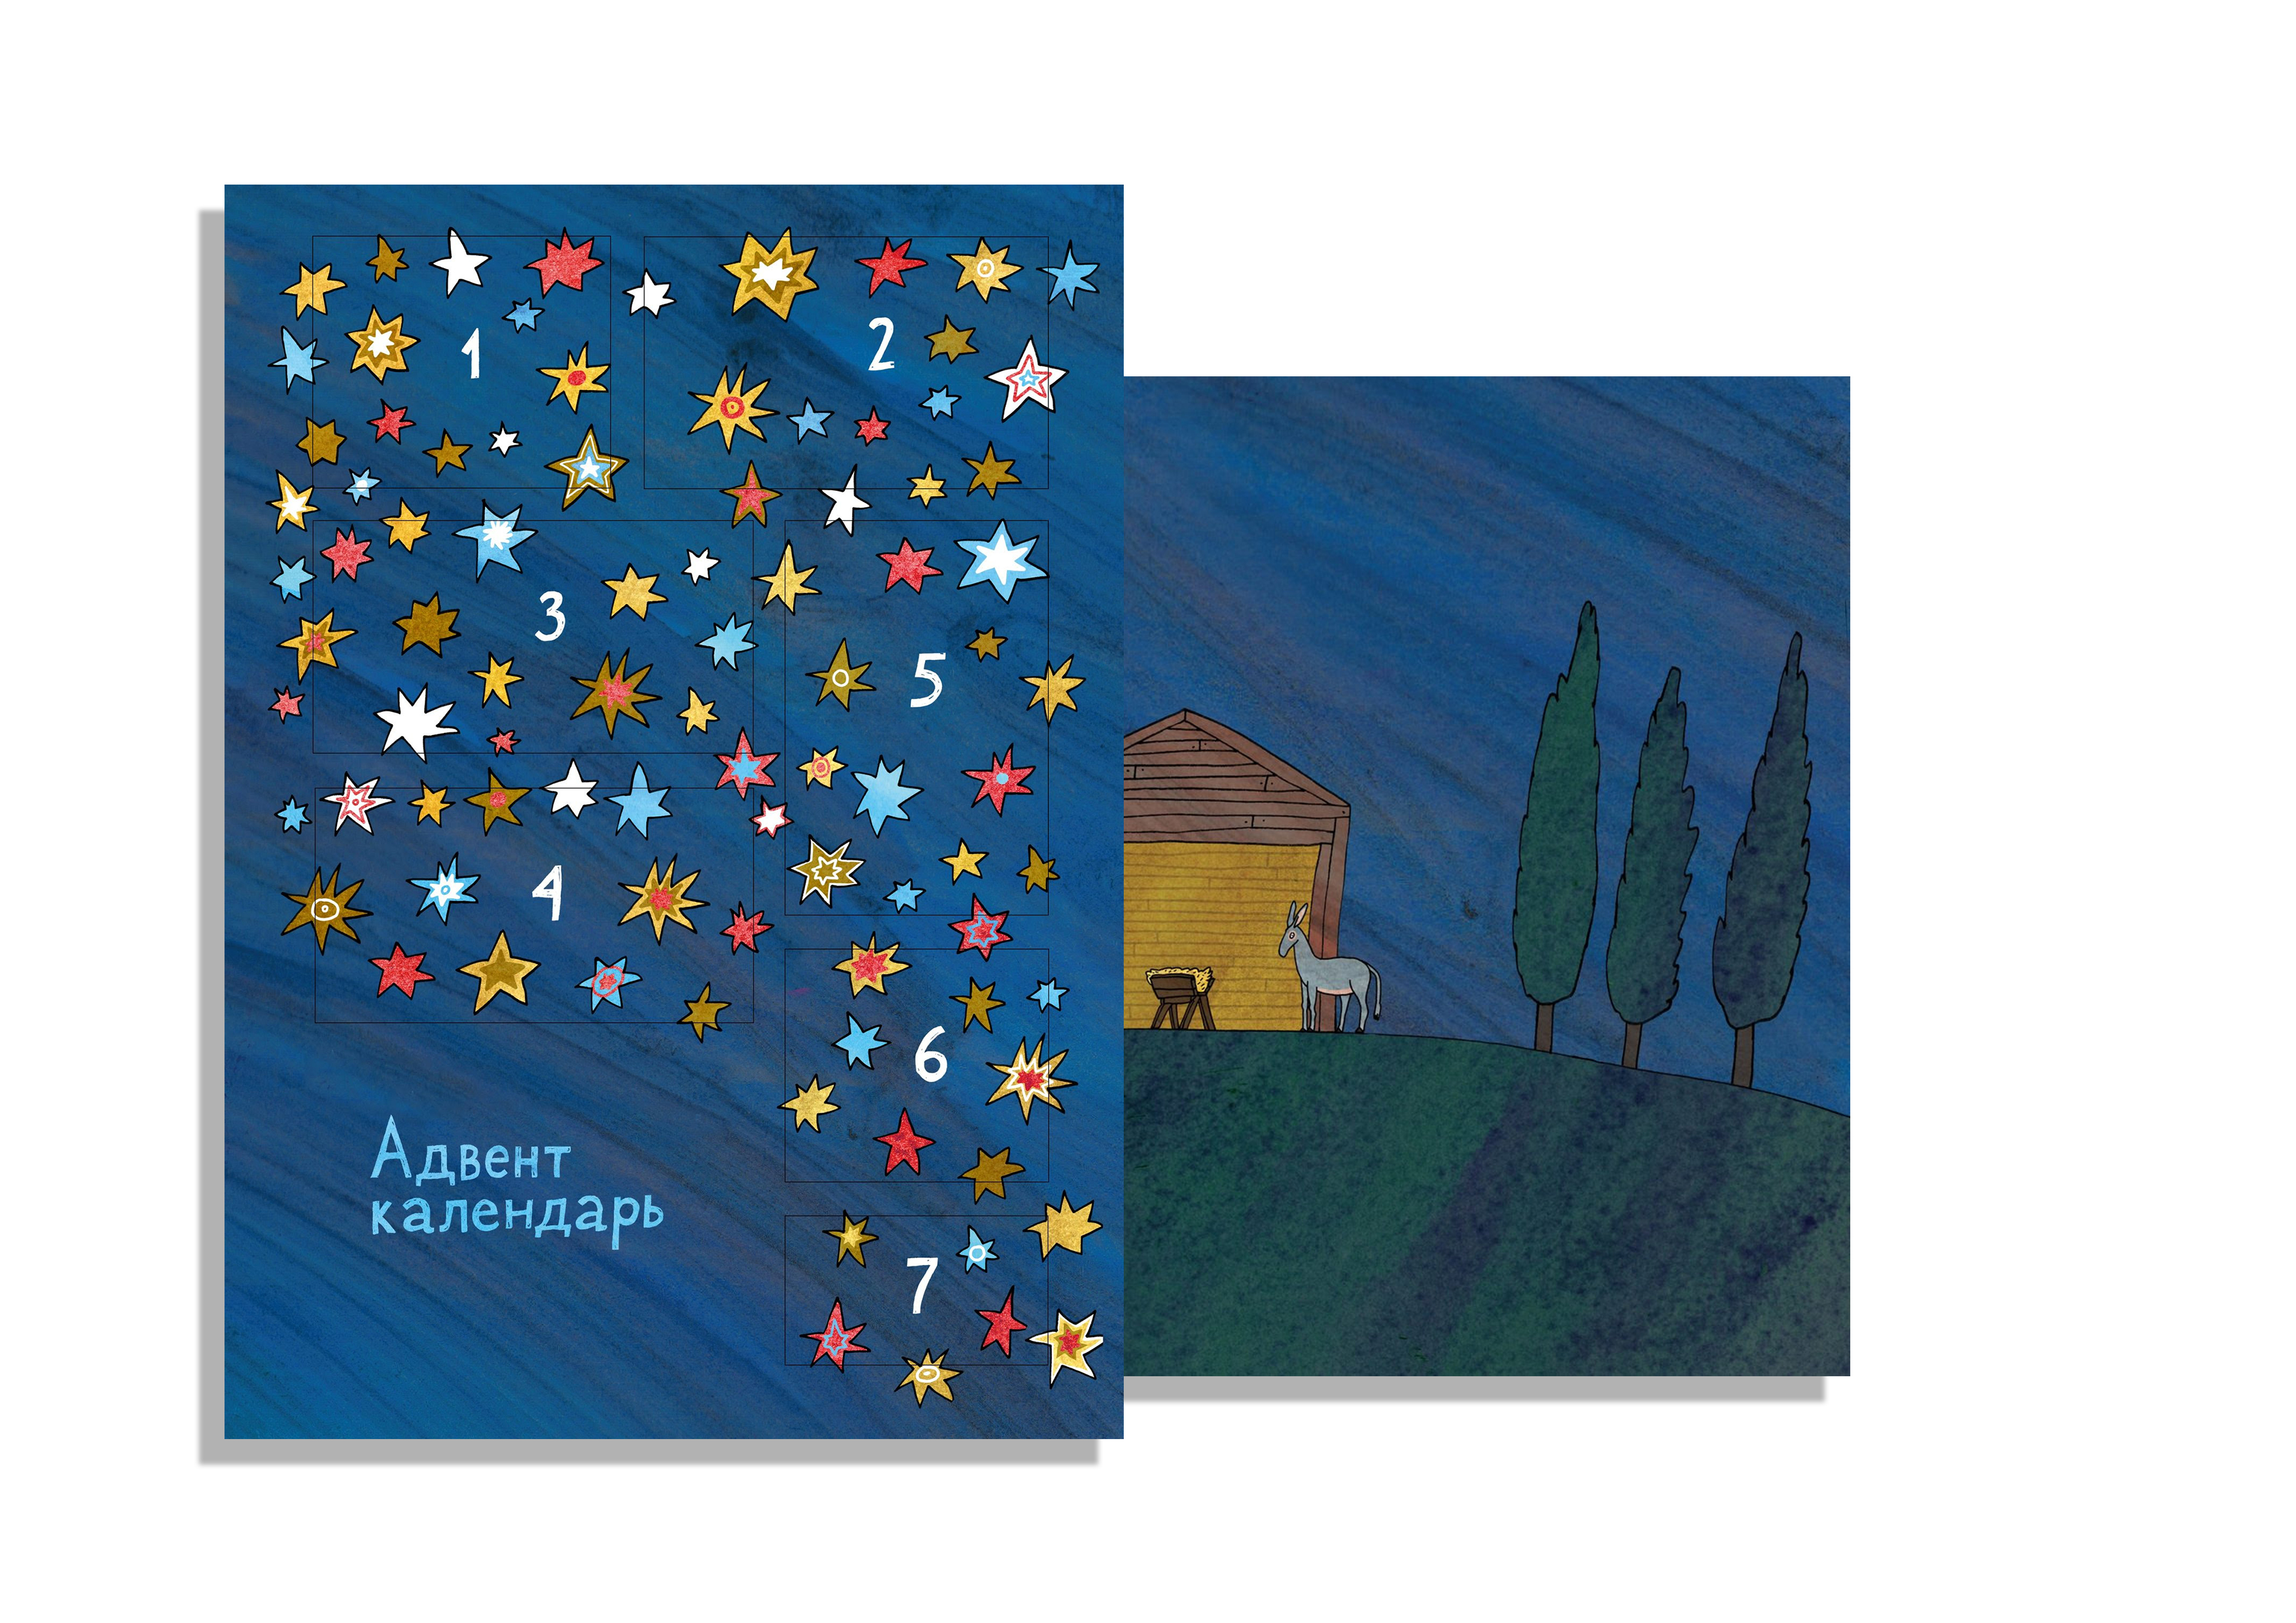 Адвент-календарь Рождество с окошками